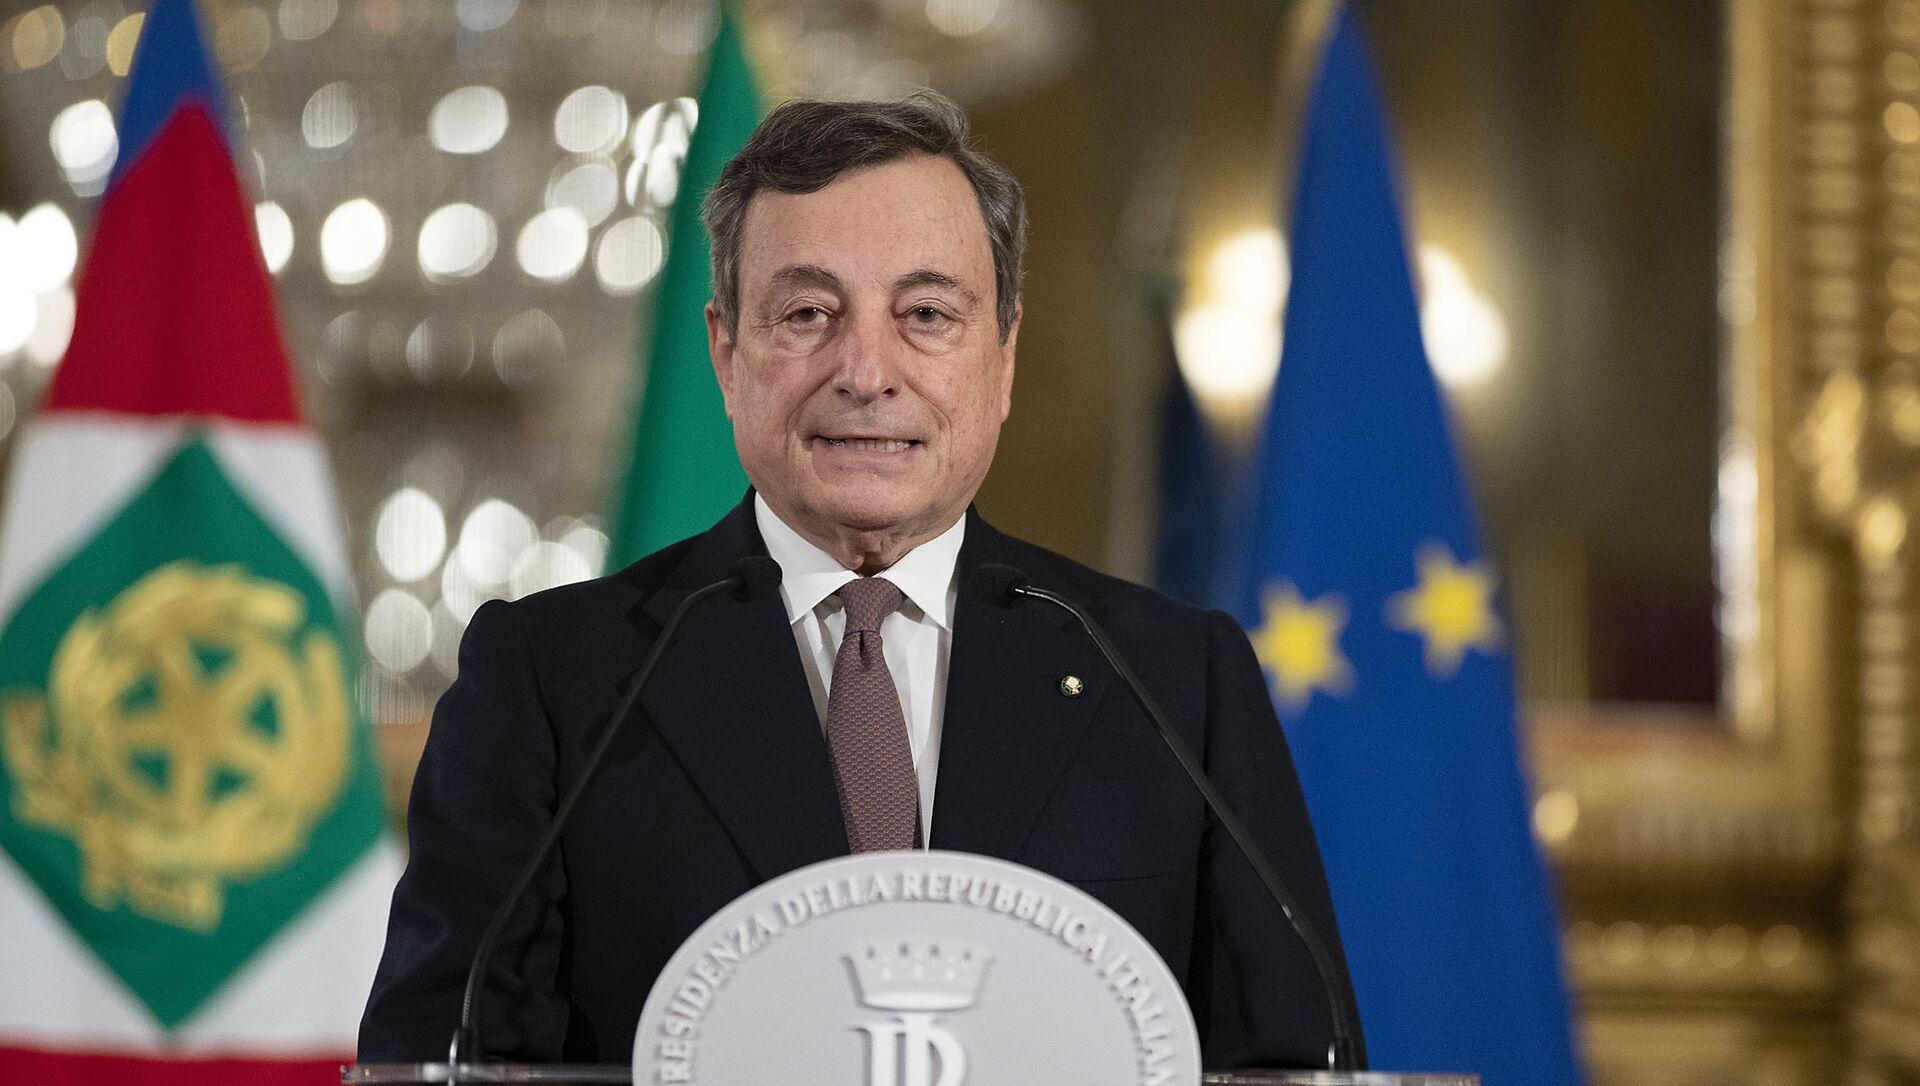 Mario Draghi annuncia la sua squadra dei ministri - Sputnik Italia, 1920, 14.02.2021